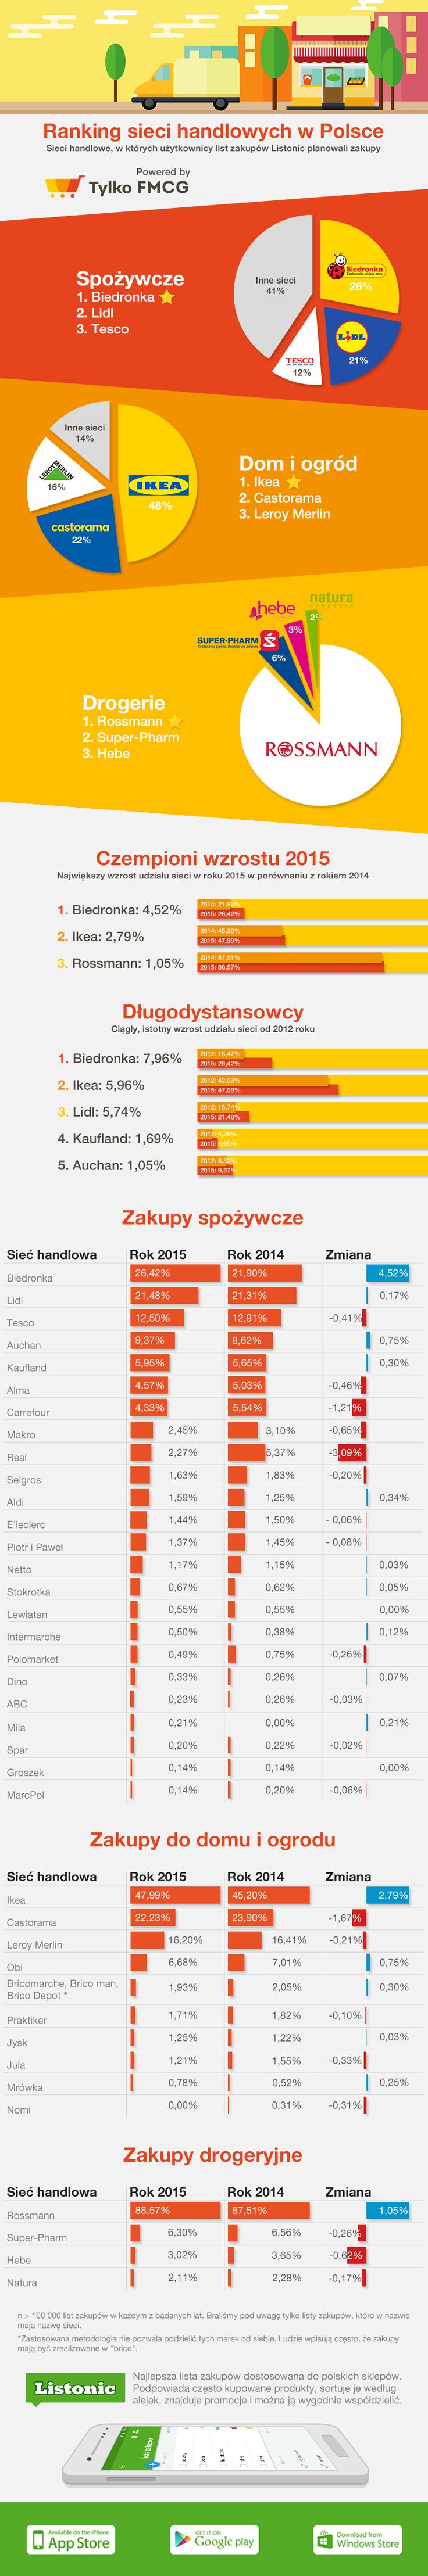 Infografika sieci handlowe, na podstawie danych Listonic